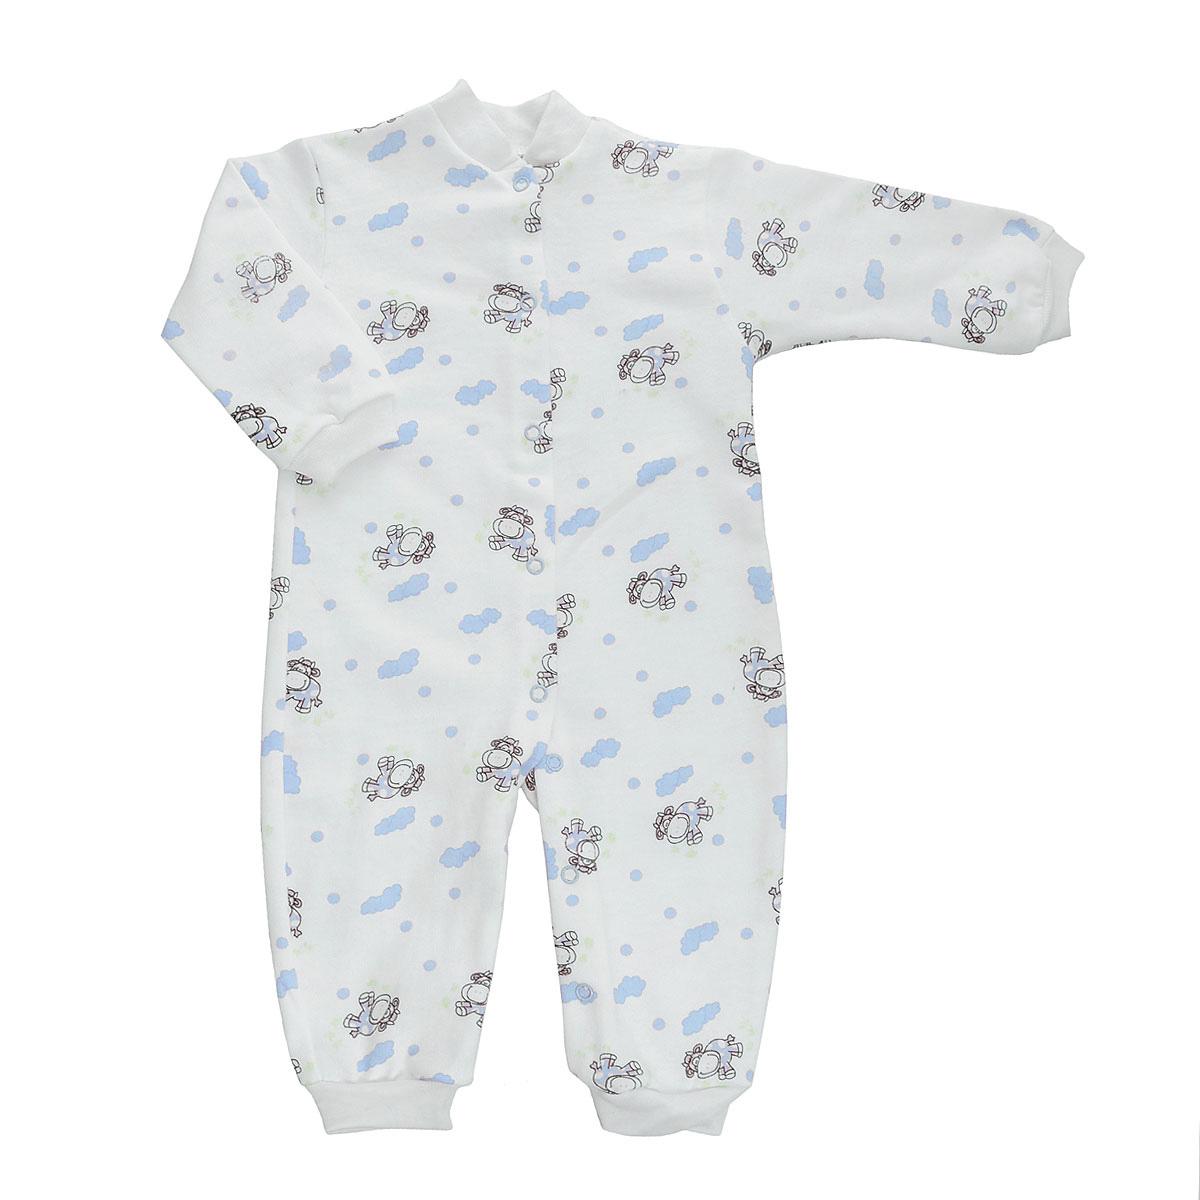 Комбинезон детский. 58215823Удобный детский комбинезон Трон-плюс послужит идеальным дополнением к гардеробу ребенка. Комбинезон изготовлен из натурального хлопка, благодаря чему он необычайно мягкий и легкий, не раздражает нежную кожу ребенка и хорошо вентилируется, а эластичные швы приятны телу малыша и не препятствуют его движениям. Комбинезон с небольшим воротником-стойкой, длинными рукавами и открытыми ножками имеет застежки-кнопки от горловины до щиколоток, которые помогают легко переодеть младенца или сменить подгузник. Низ рукавов и низ брючин дополнен эластичными широкими манжетами. Комбинезон оформлен ярким принтом с изображением забавных животных. С детским комбинезоном Трон-плюс спинка и ножки вашего ребенка всегда будут в тепле, он идеален для использования днем и незаменим ночью. Комбинезон полностью соответствует особенностям жизни младенца в ранний период, не стесняя и не ограничивая его в движениях!